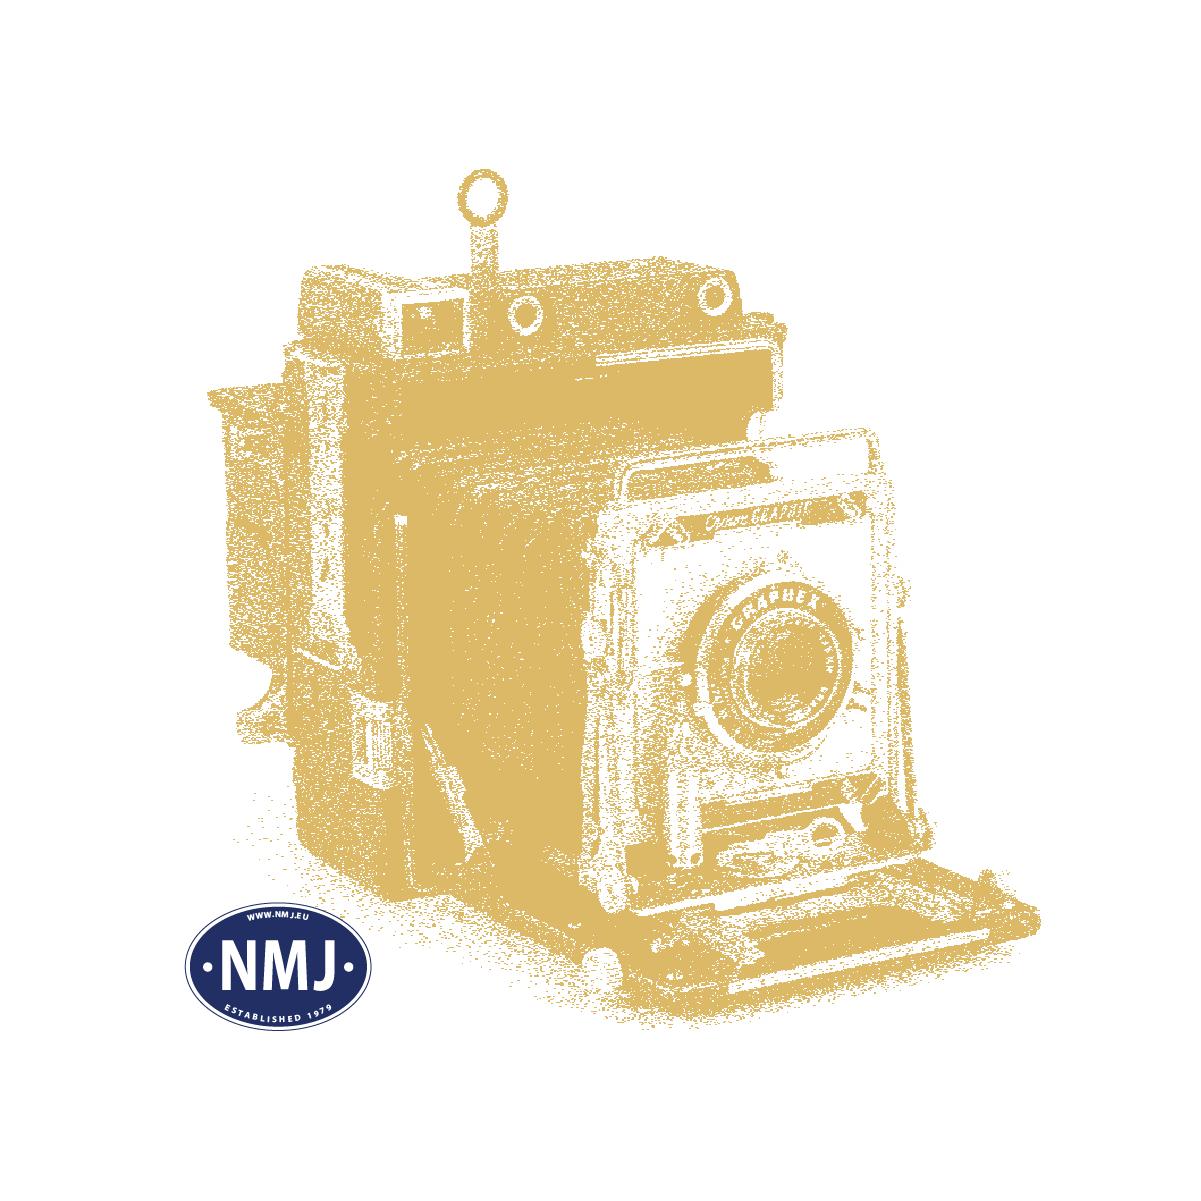 VIE4015 - Innkjørssignal m/ Forsignal